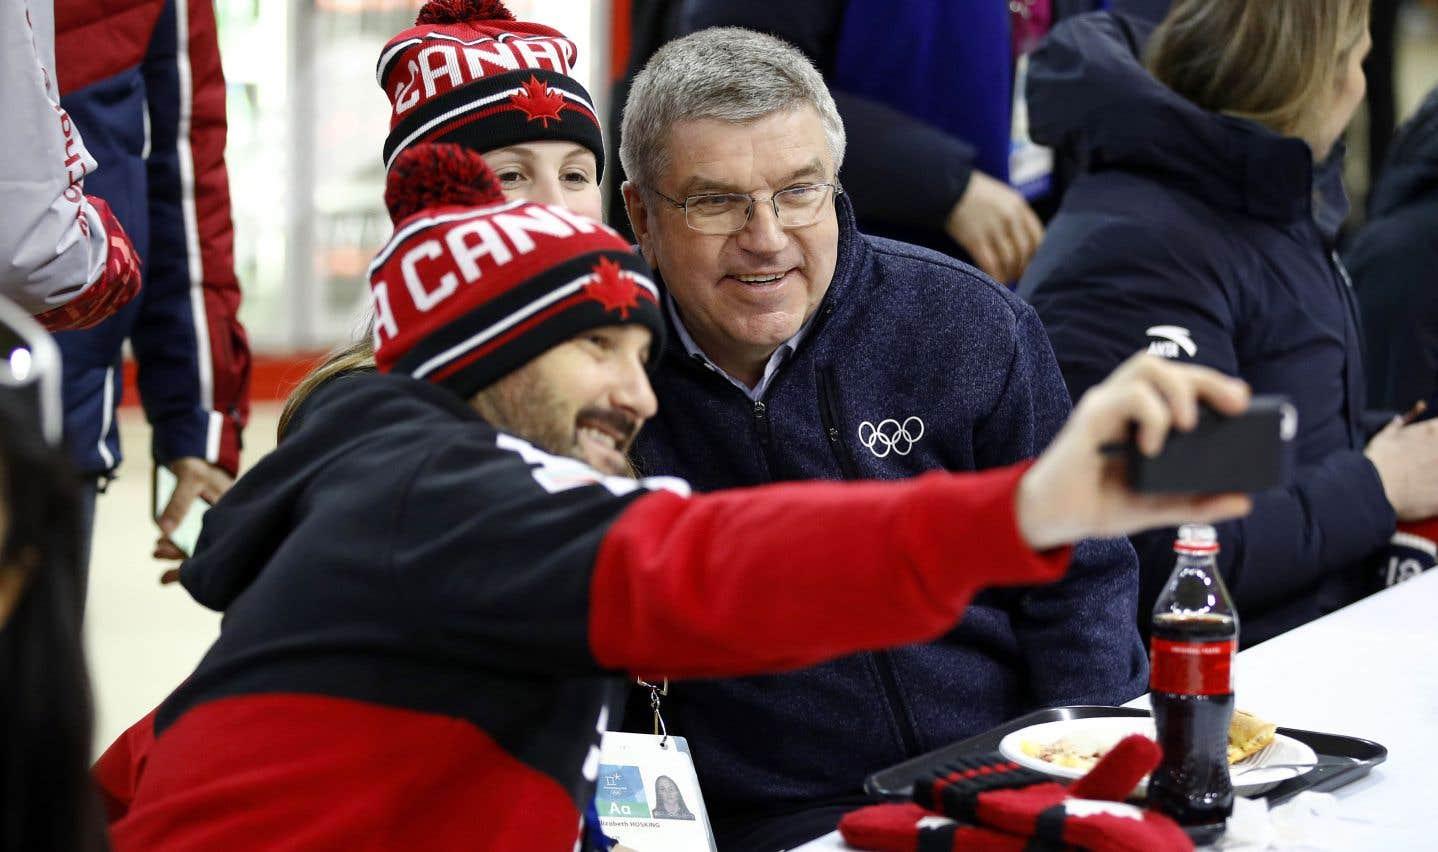 Des membres de la délégation canadienne à Pyeongchang prennent un égoportrait en compagnie du président du CIO, Thomas Bach.